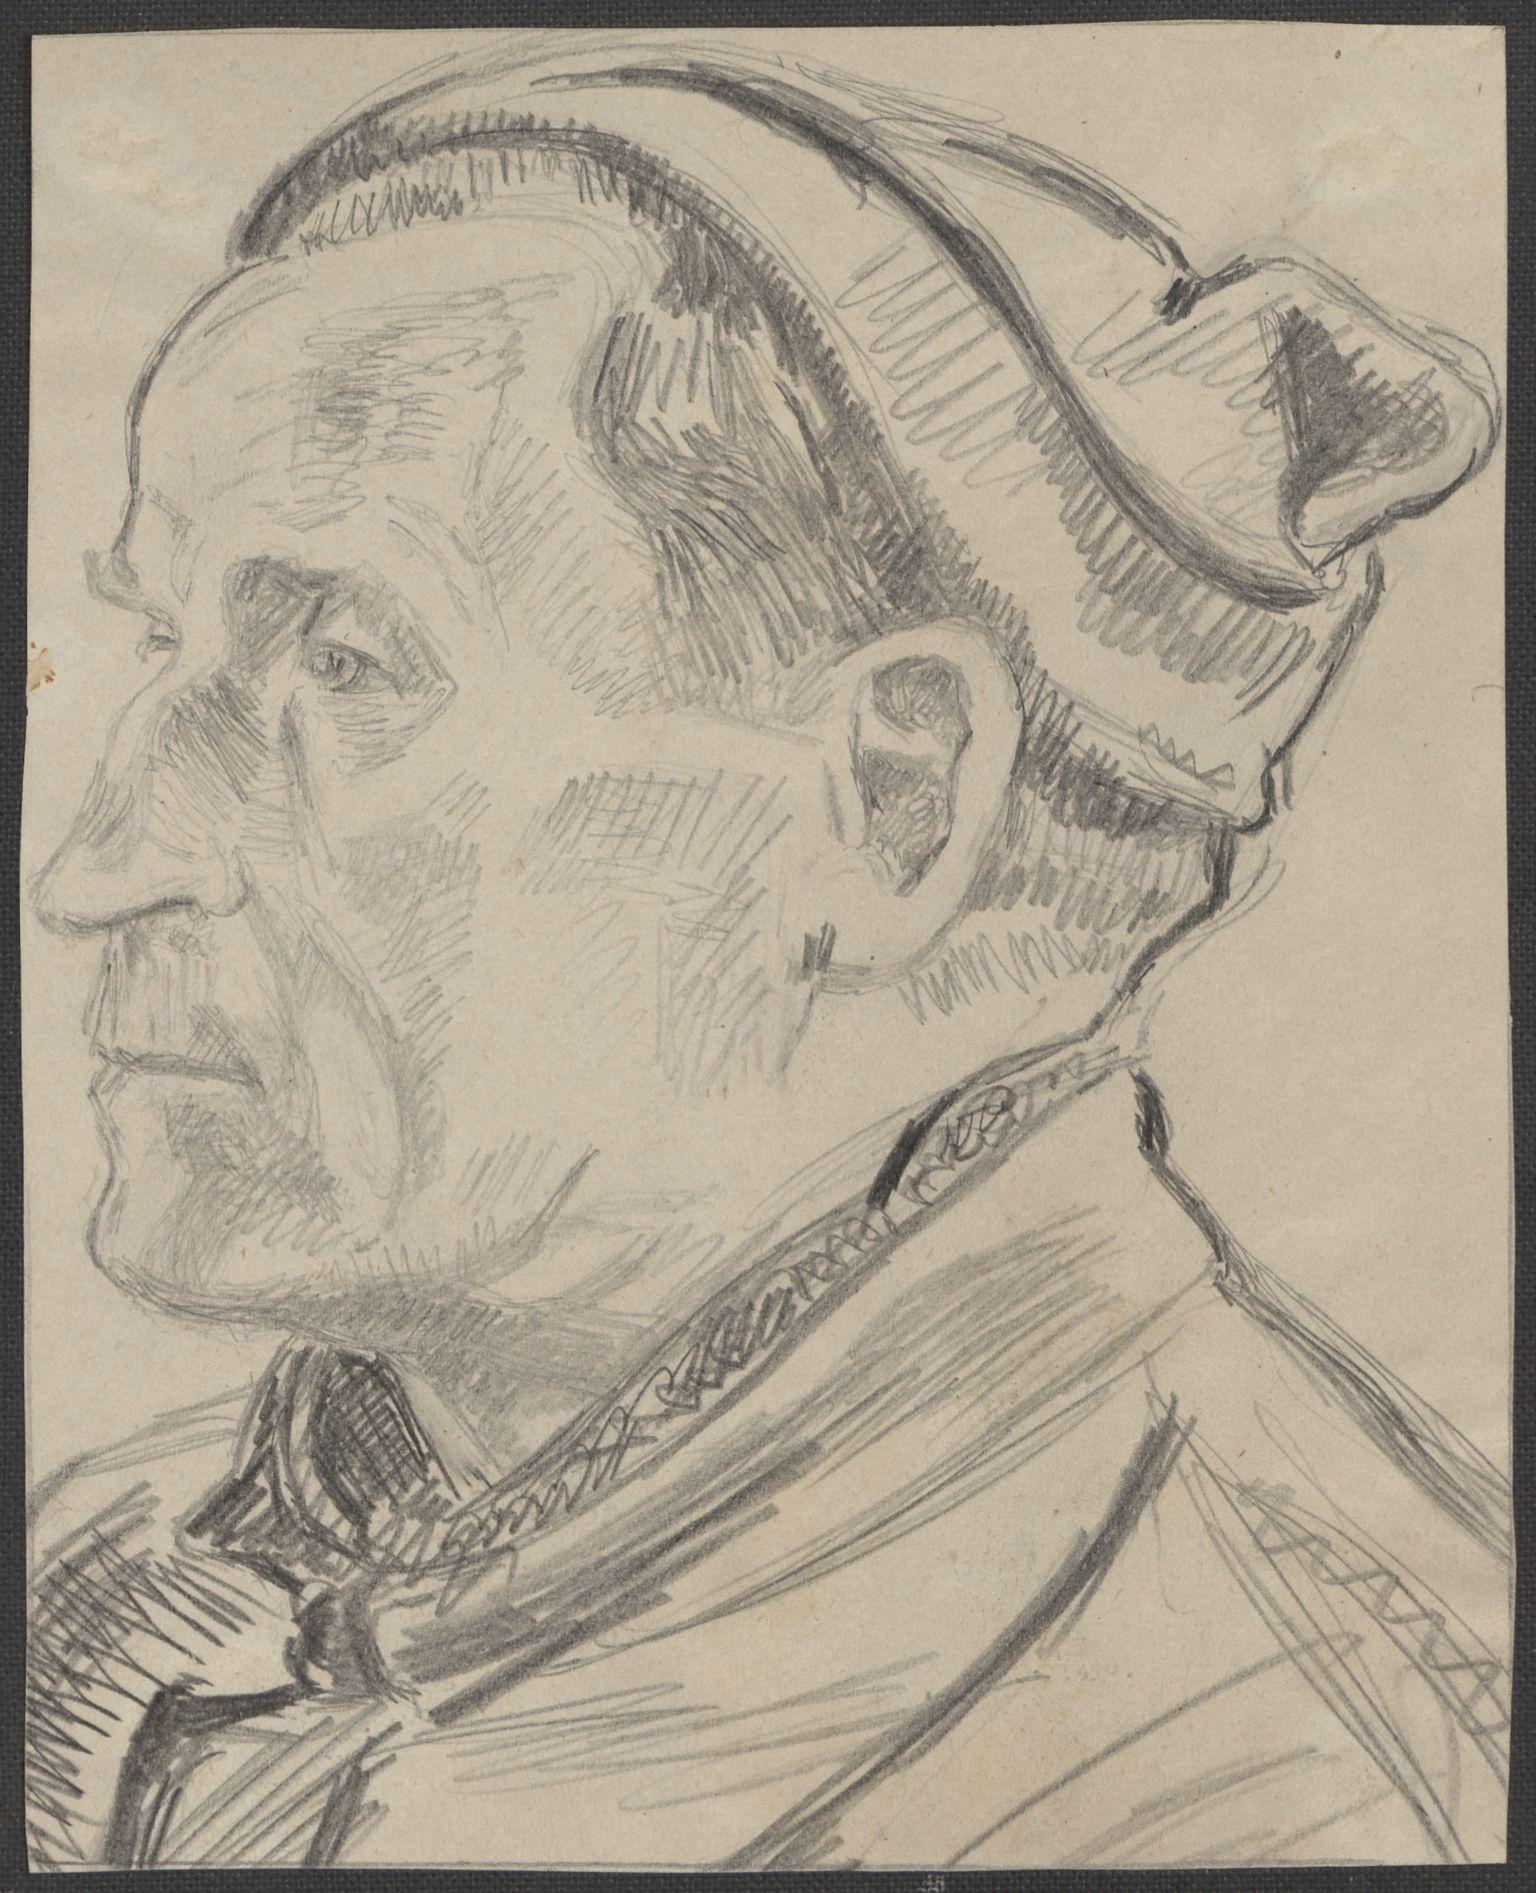 RA, Grøgaard, Joachim, F/L0002: Tegninger og tekster, 1942-1945, s. 50